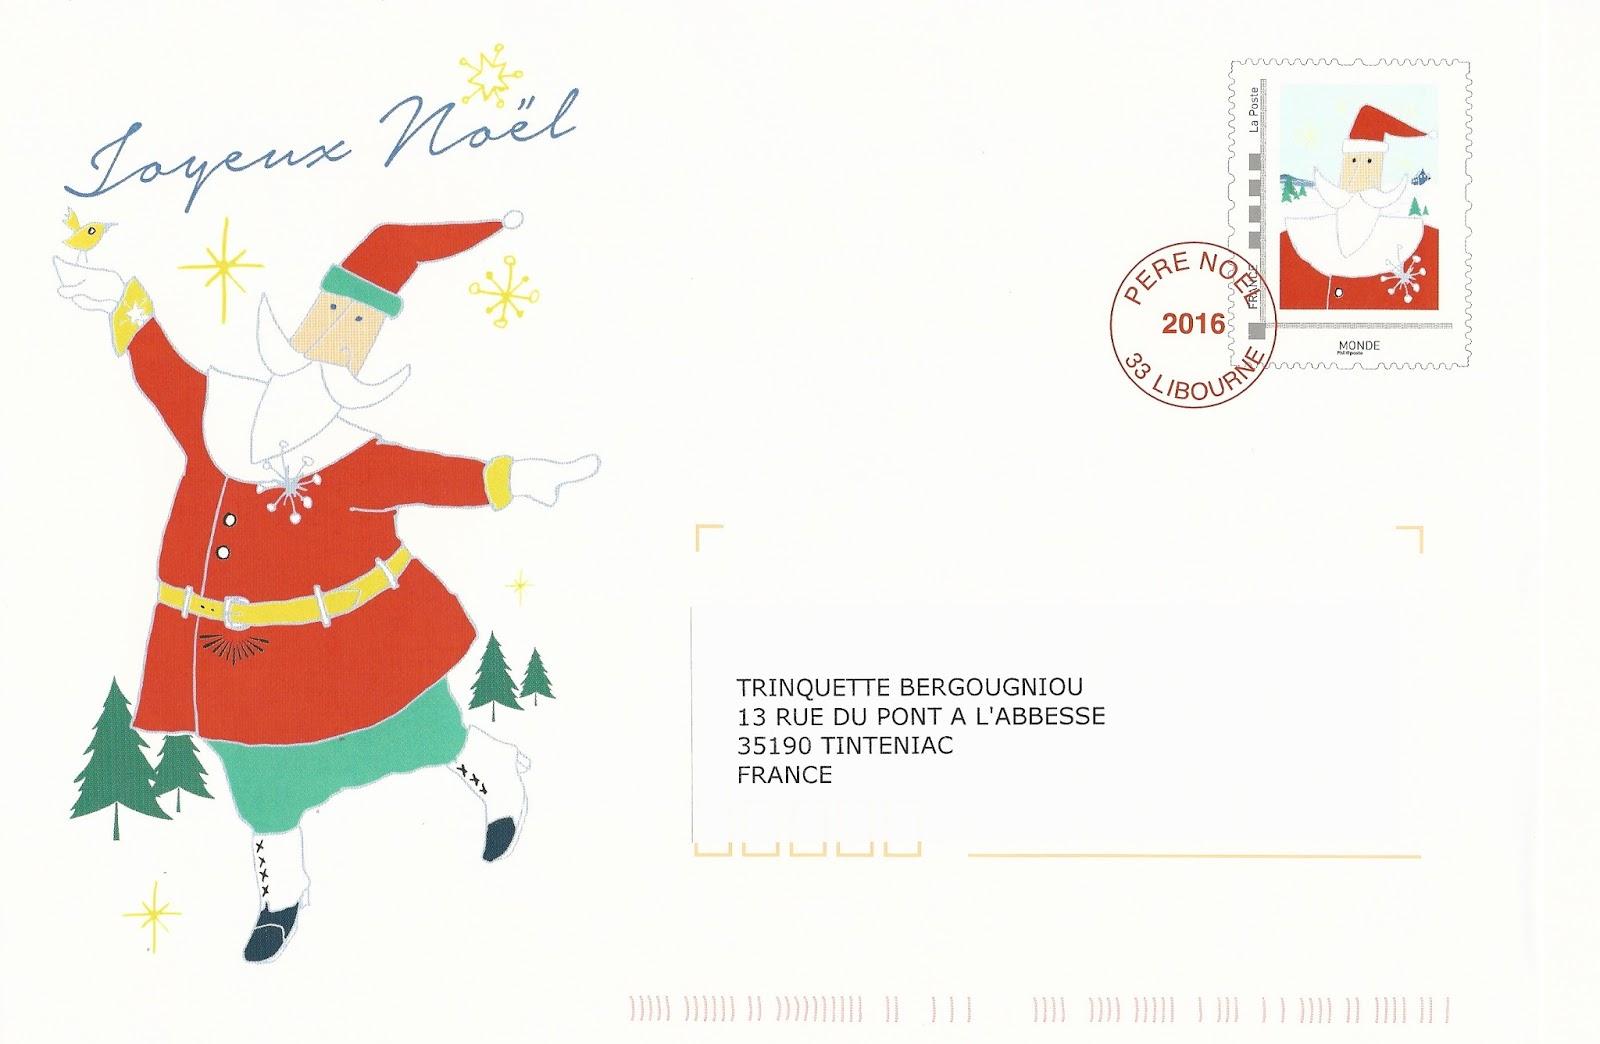 Envoyer Lettre Au Pere Noel Par La Poste.La Marcophilie Navale Le Pere Noel A Ouvert Sa Boutique